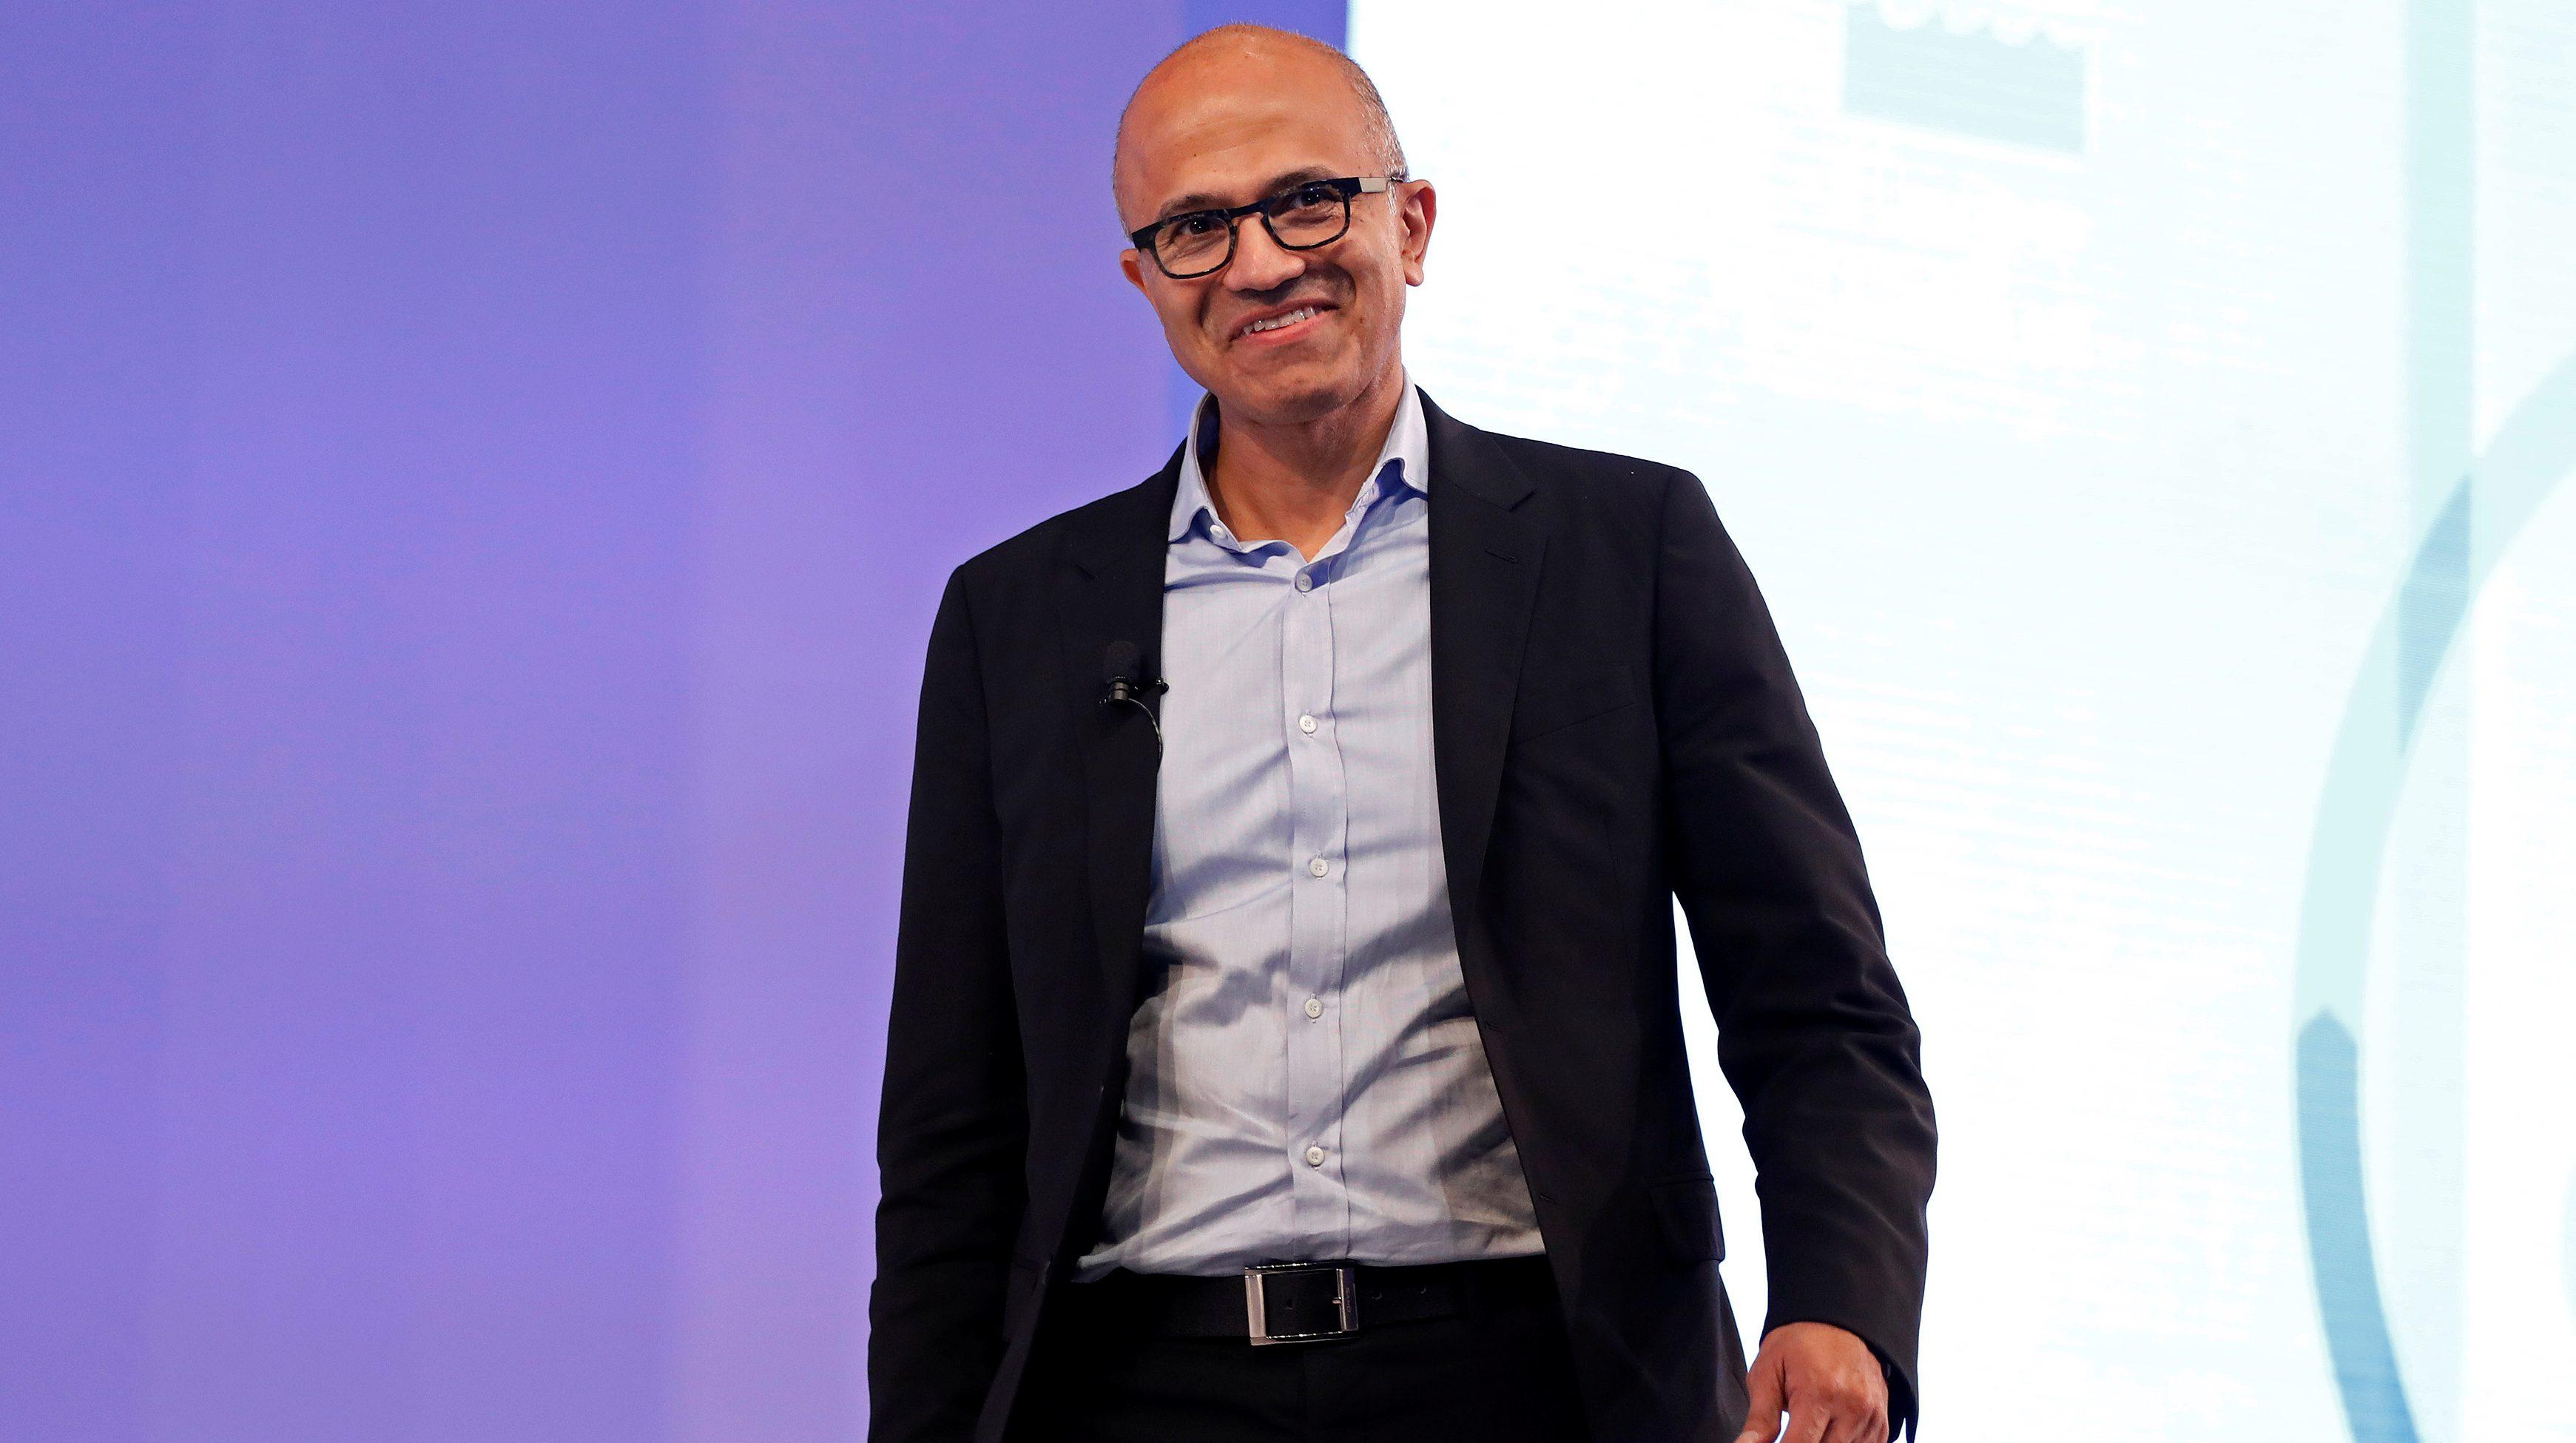 Microsoft Chief Executive Officer Satya Nadella smiles